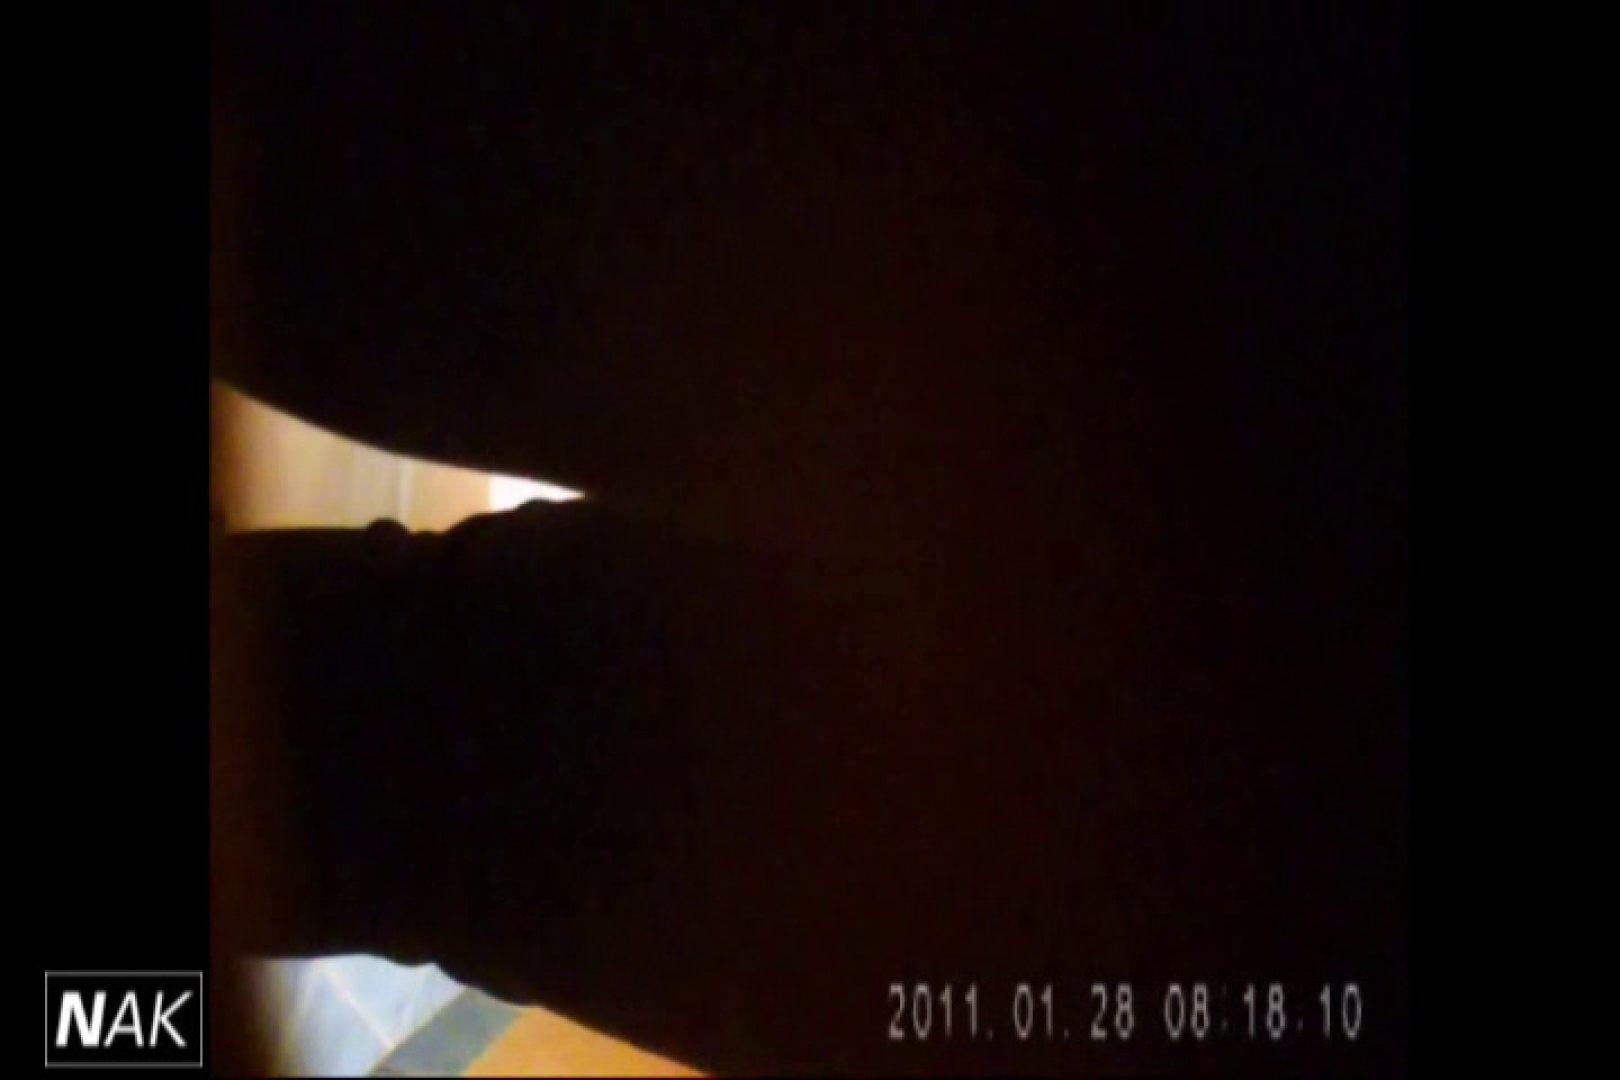 せん八さんの厠観察日記!2点監視カメラ 高画質5000K vol.15 お姉さんヌード 盗み撮りAV無料動画キャプチャ 89画像 23